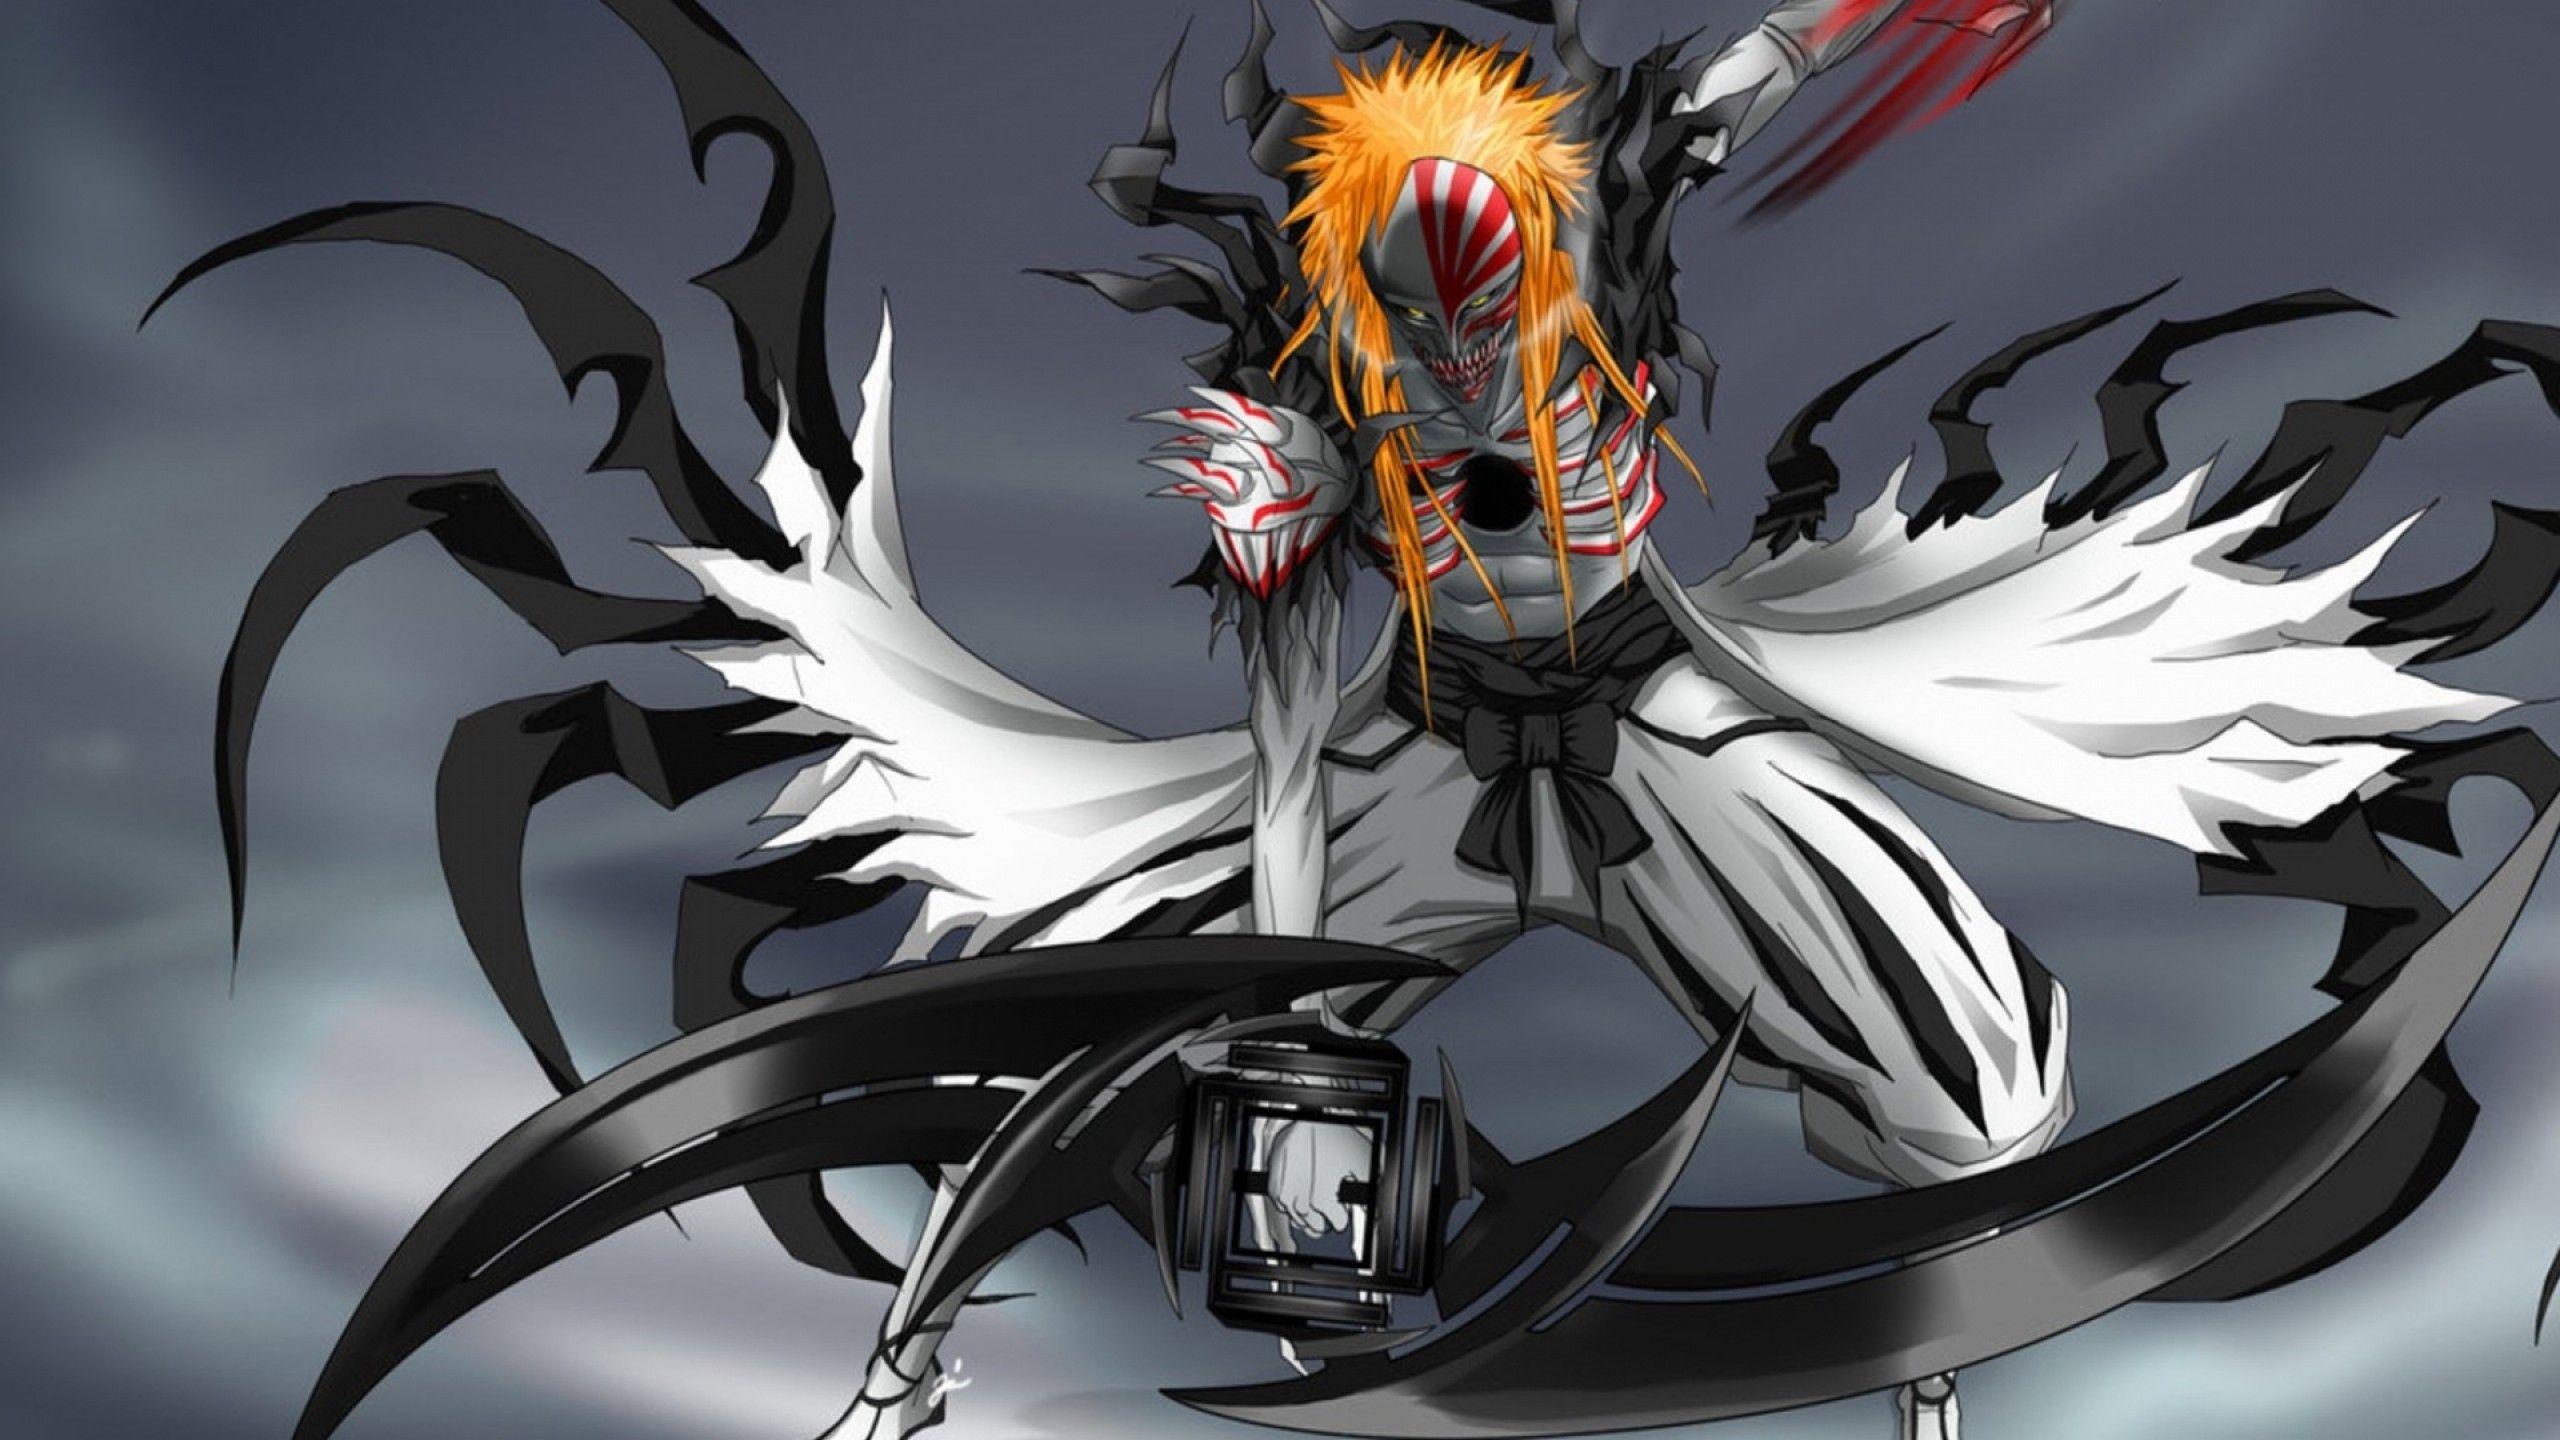 Anime bleach wallpaper hd bleach pinterest anime anime bleach wallpaper hd voltagebd Images